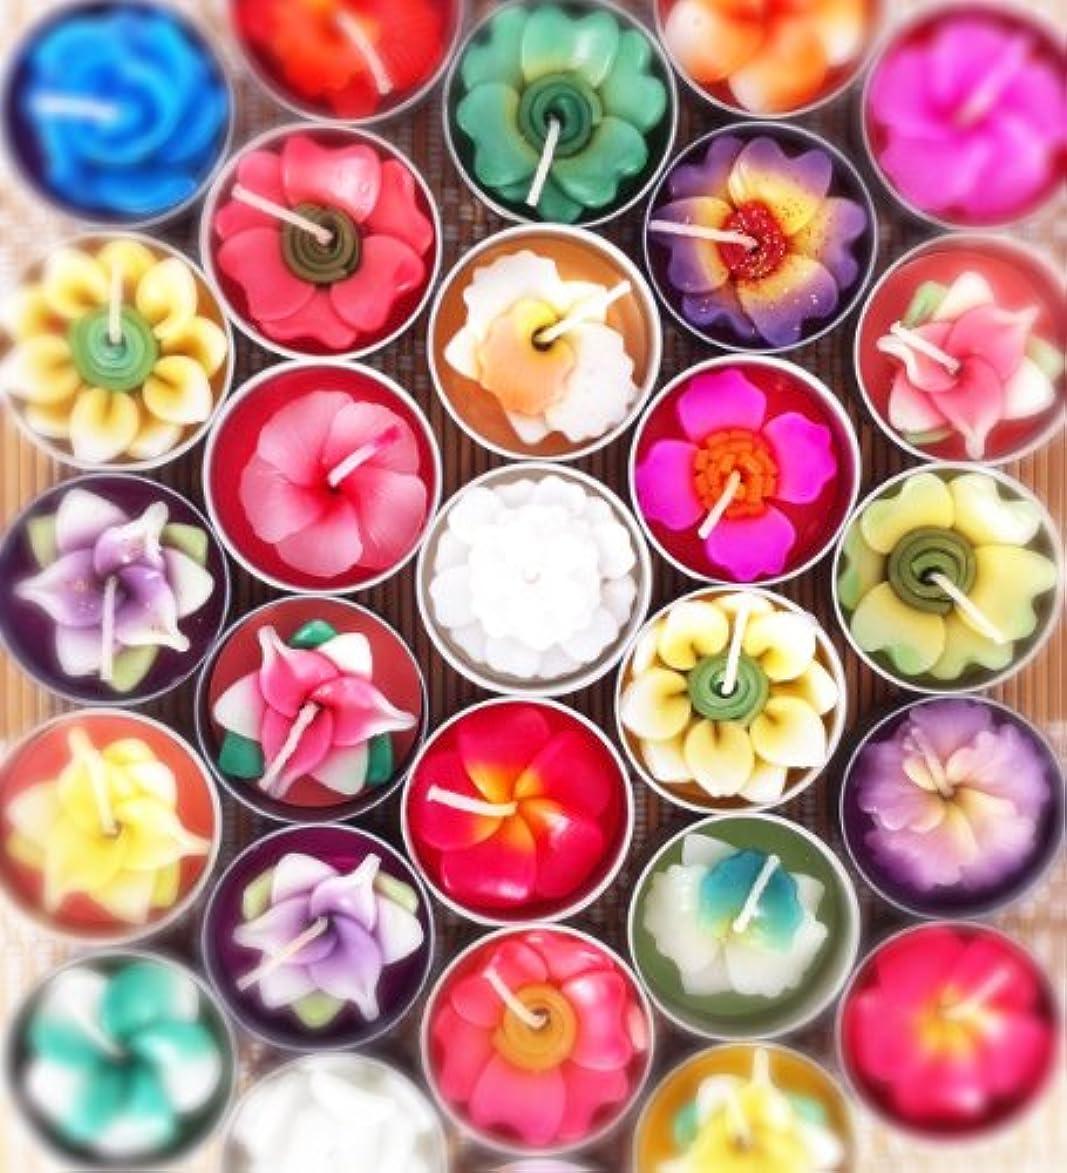 対称に浮くTiddin Design【キャンドル】フラワーキャンドル/ティーライトキャンドル/ろうそく/花の香り/Flower Candle (10個入りお徳用パック)